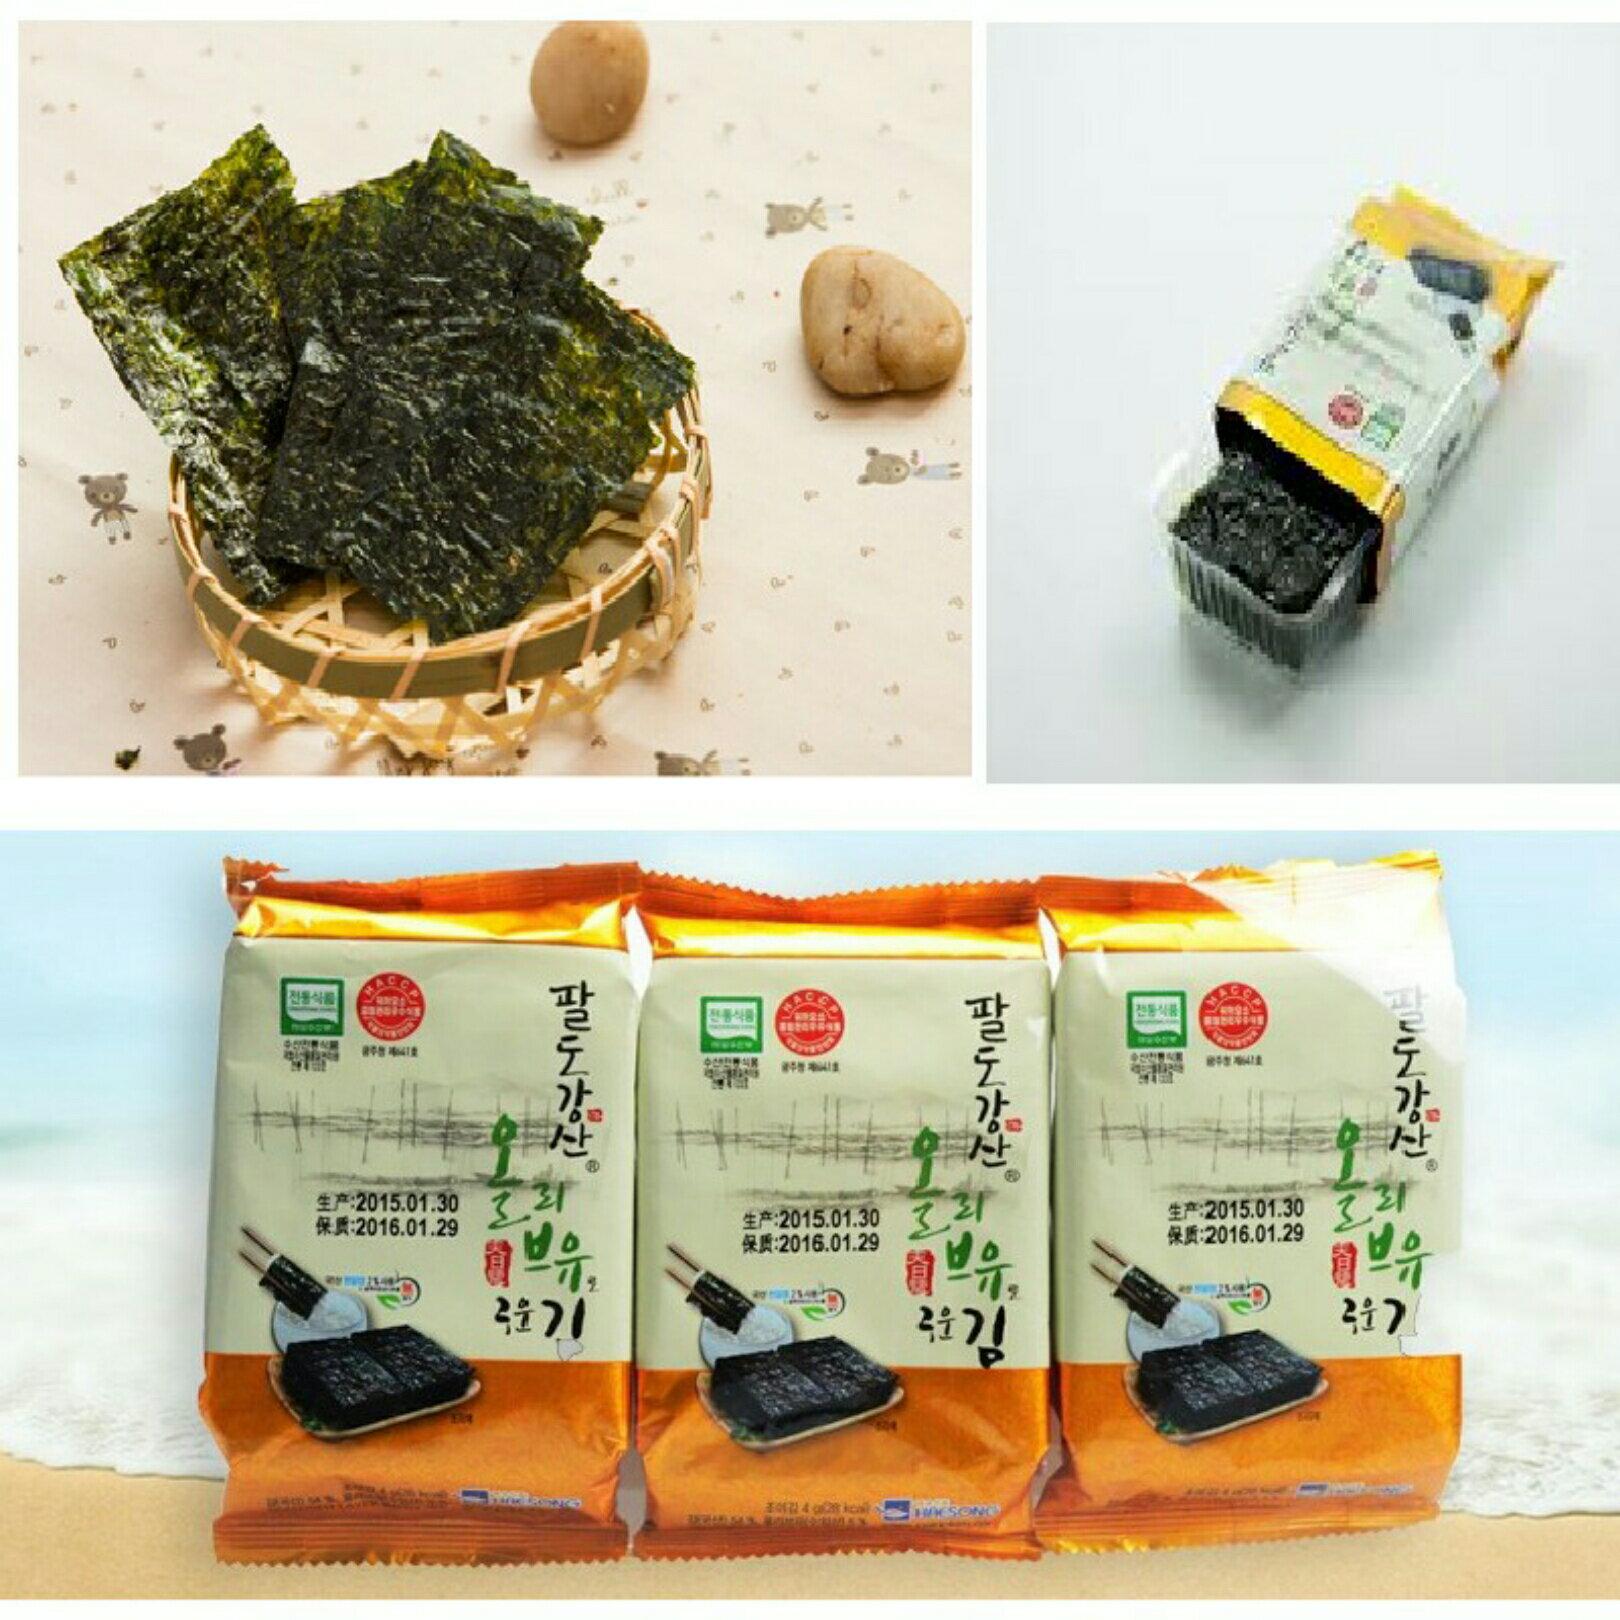 有樂町進口食品 韓國原裝進口海苔(12入) 8809094844406 - 限時優惠好康折扣